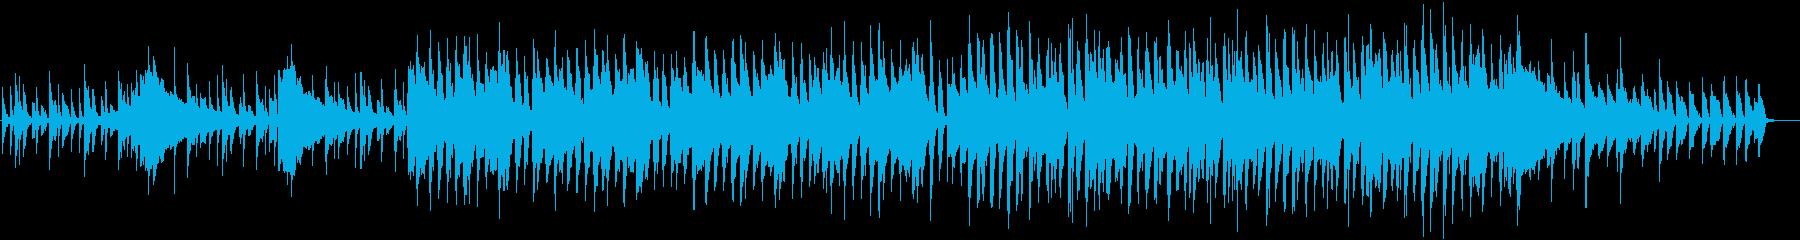 刑事ドラマOPのようなハードボイルドな曲の再生済みの波形